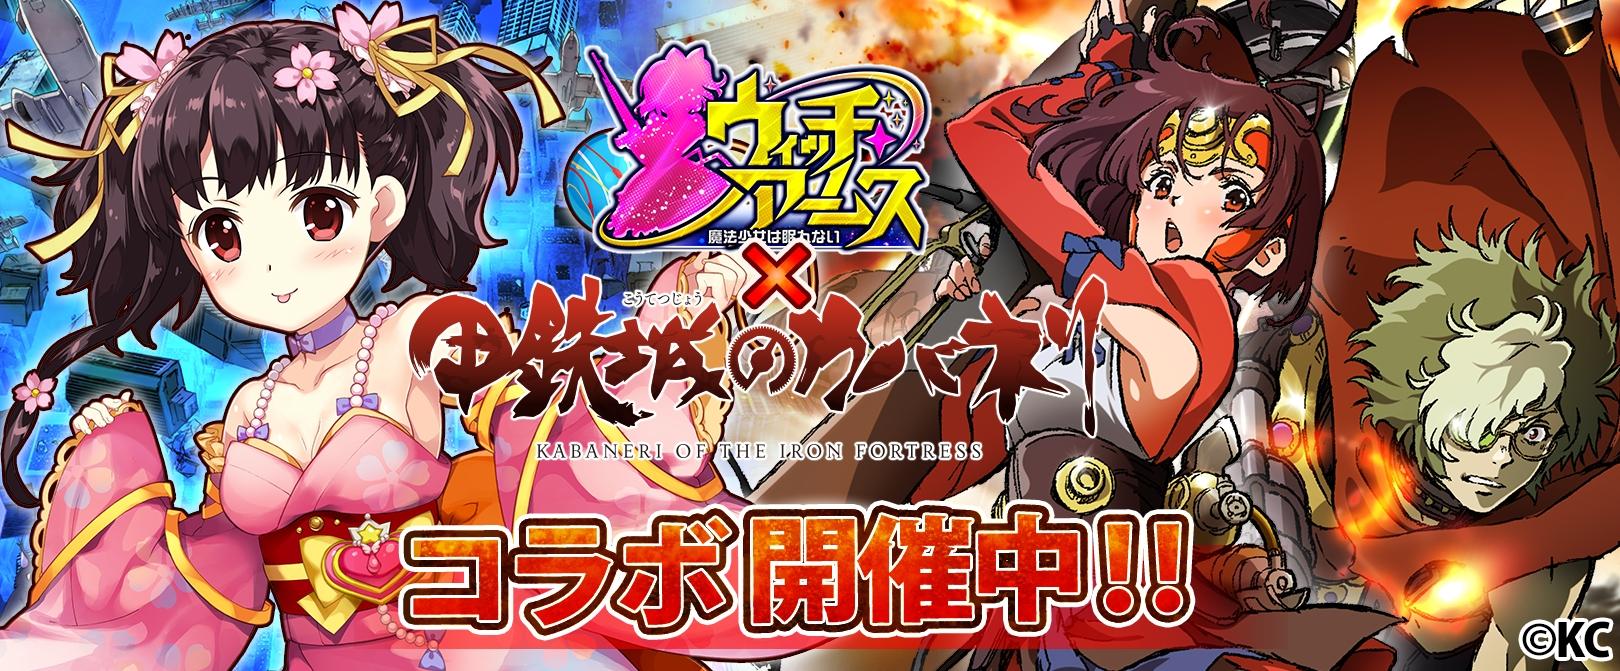 『ウィッチ・アームス〜魔法少女は眠れない〜』がアニメ「甲鉄城のカバネリ」とのコラボ第2弾を開始!